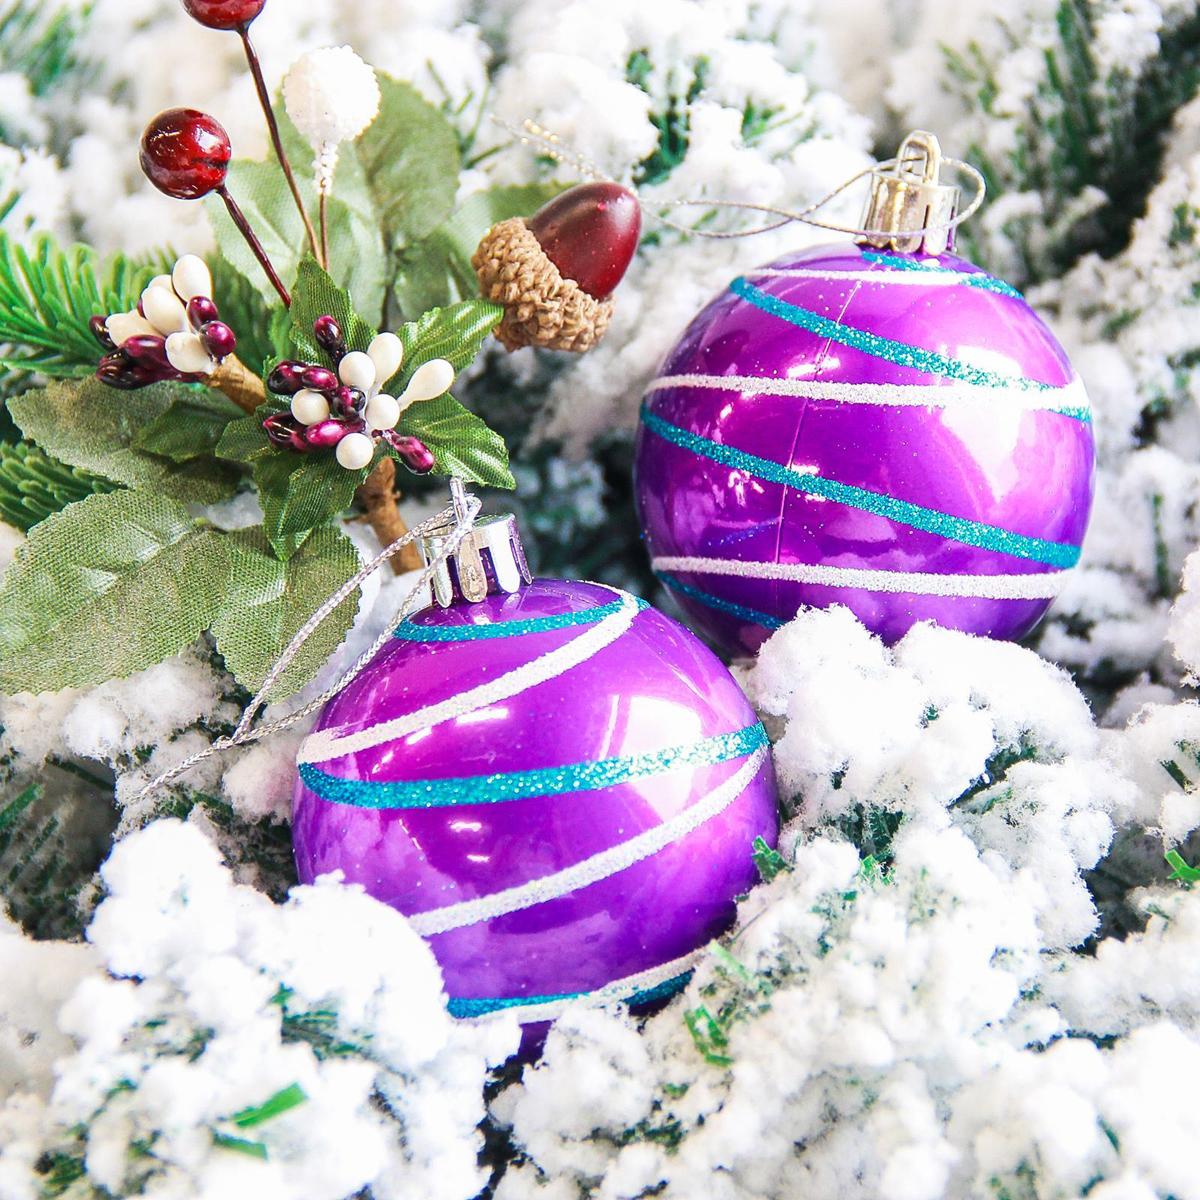 Набор новогодних подвесных украшений Sima-land Орион, цвет: сиреневый, диаметр 6 см, 6 шт2178186Набор новогодних подвесных украшений Sima-land отлично подойдет для декорации вашего дома и новогодней ели. С помощью специальной петельки украшение можно повесить в любом понравившемся вам месте. Но, конечно, удачнее всего оно будет смотреться на праздничной елке. Елочная игрушка - символ Нового года. Она несет в себе волшебство и красоту праздника. Создайте в своем доме атмосферу веселья и радости, украшая новогоднюю елку нарядными игрушками, которые будут из года в год накапливать теплоту воспоминаний.